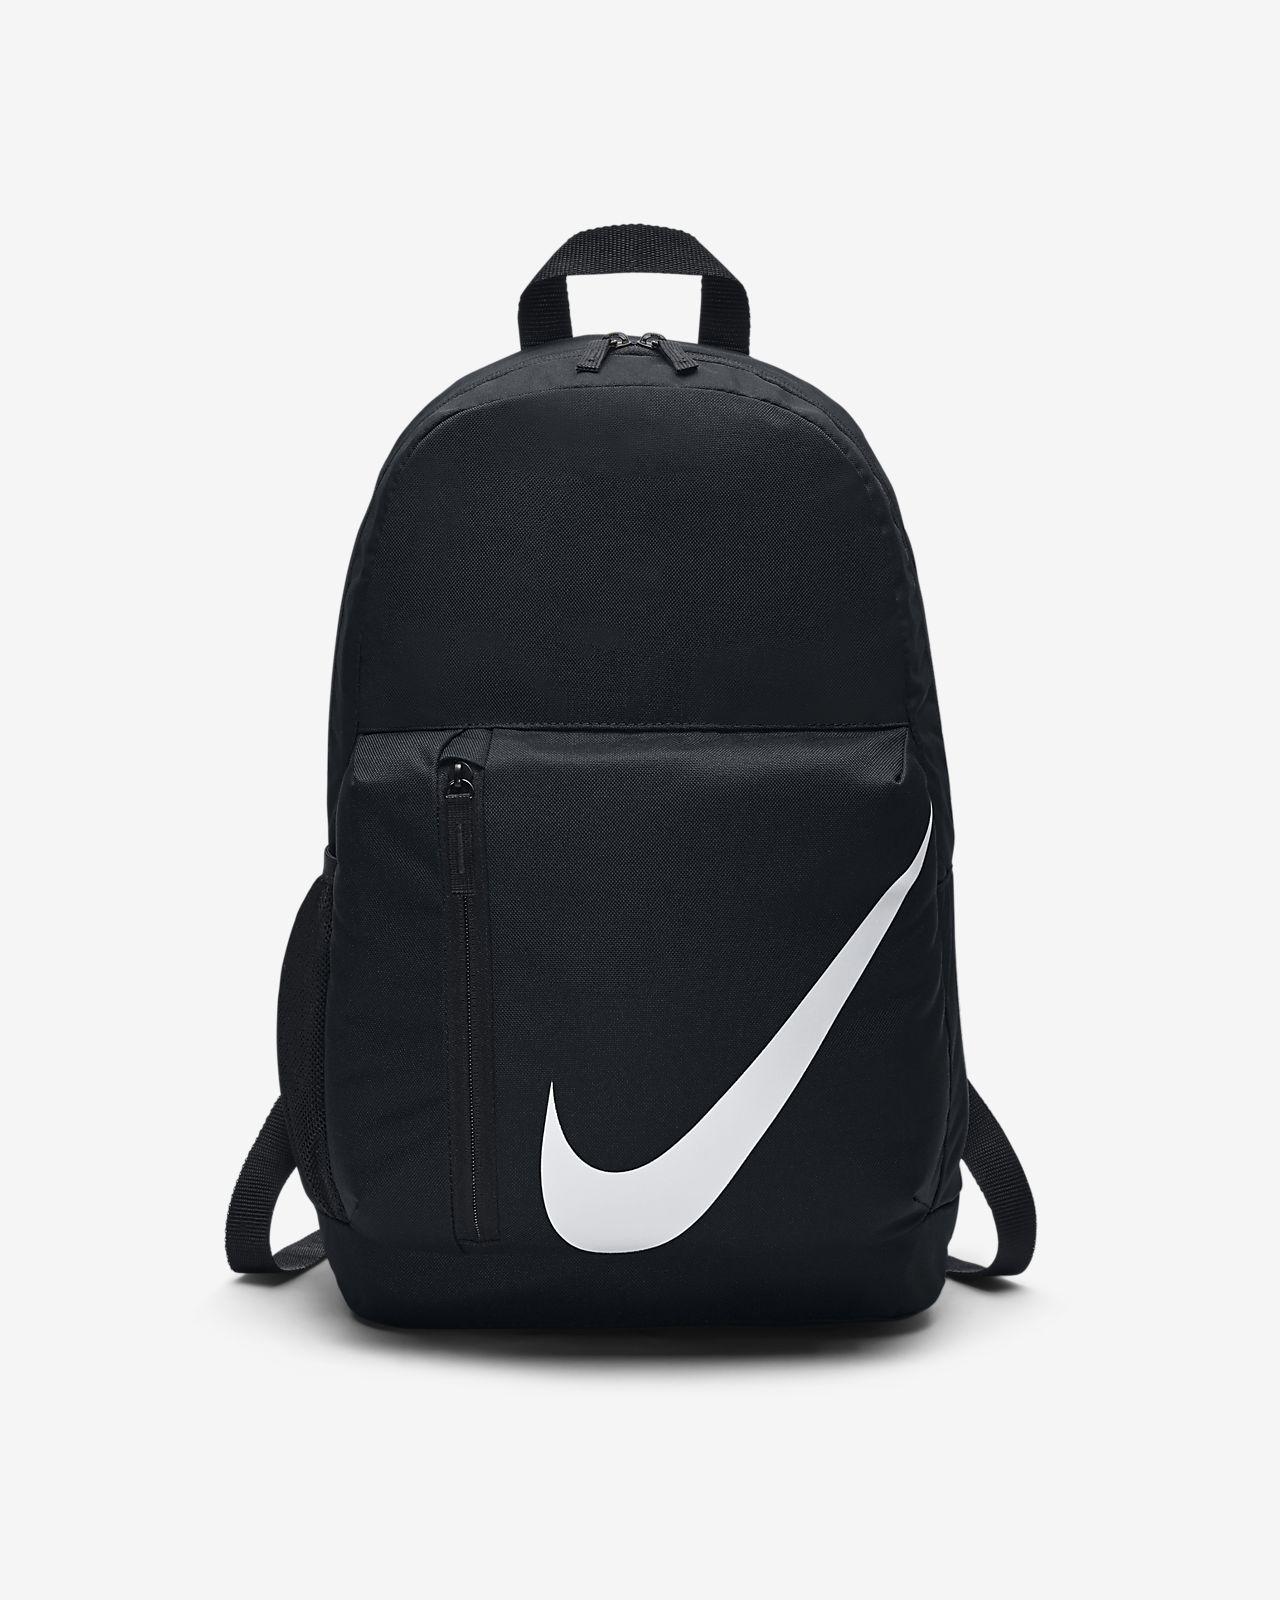 001989770ad7b Low Resolution Plecak dziecięcy Nike Plecak dziecięcy Nike